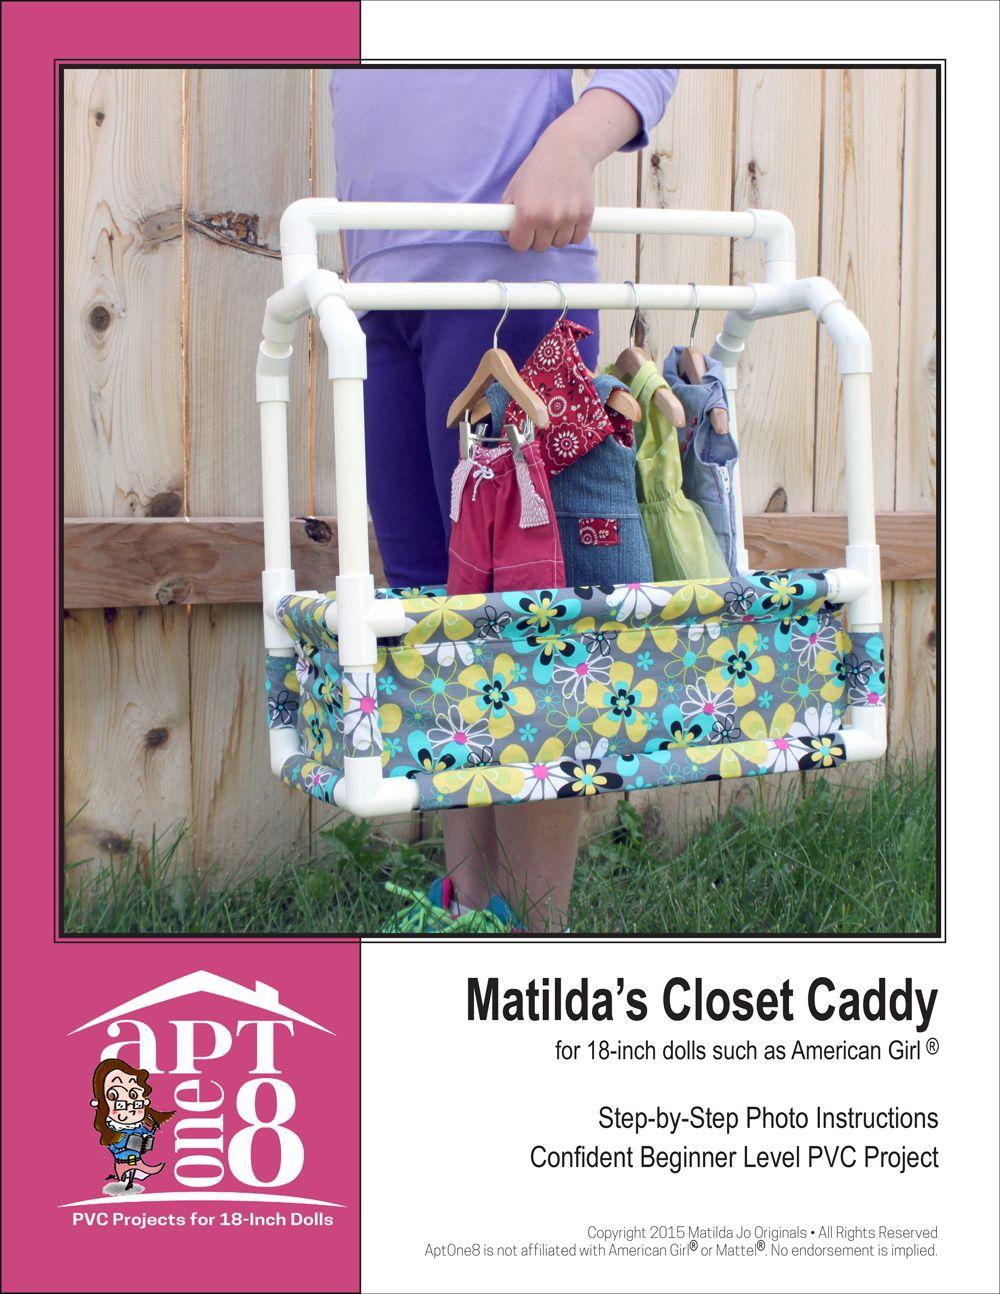 Pvc Plans Matilda S Closet Caddy American Doll Clothes Doll Clothes American Girl American Girl Doll Diy